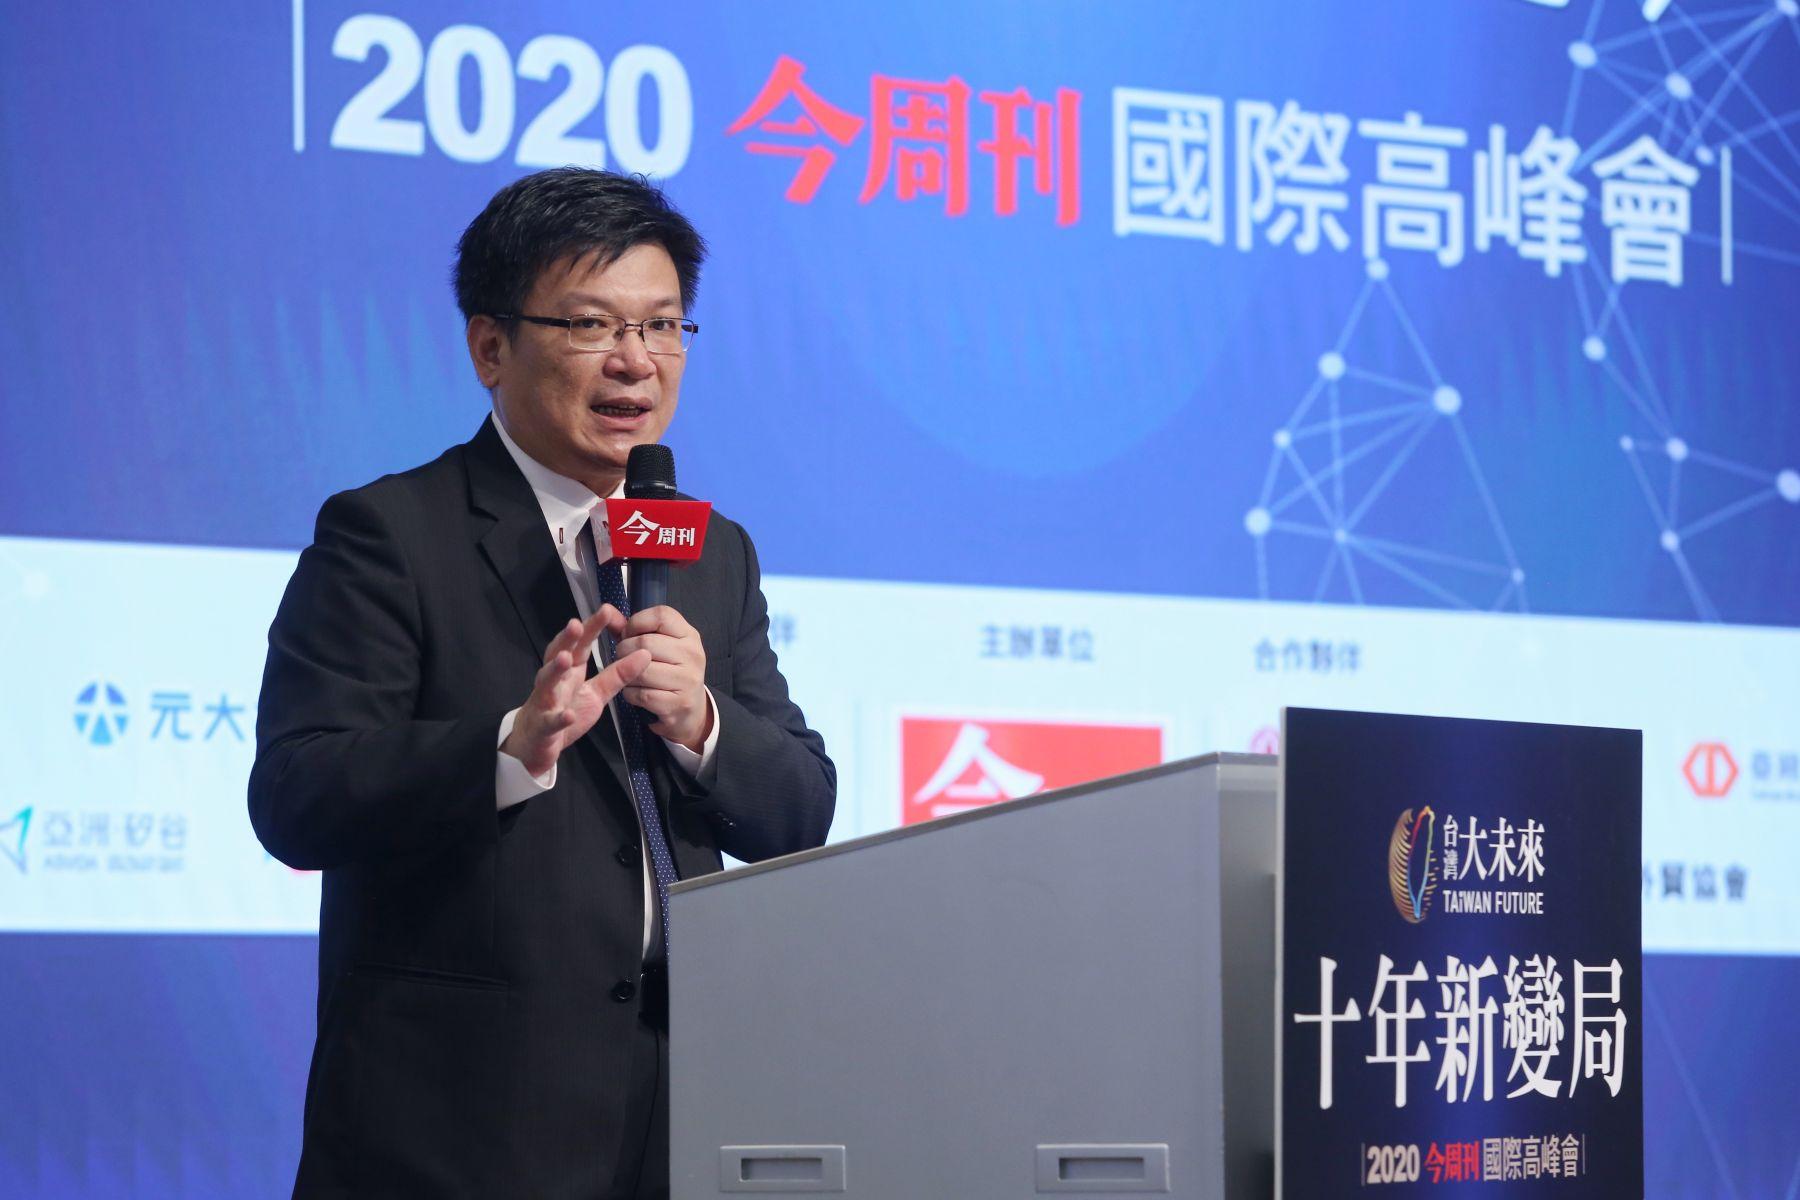 台灣這點比日韓更強!十年後將成離岸風電大國 還能外銷賺老外的錢